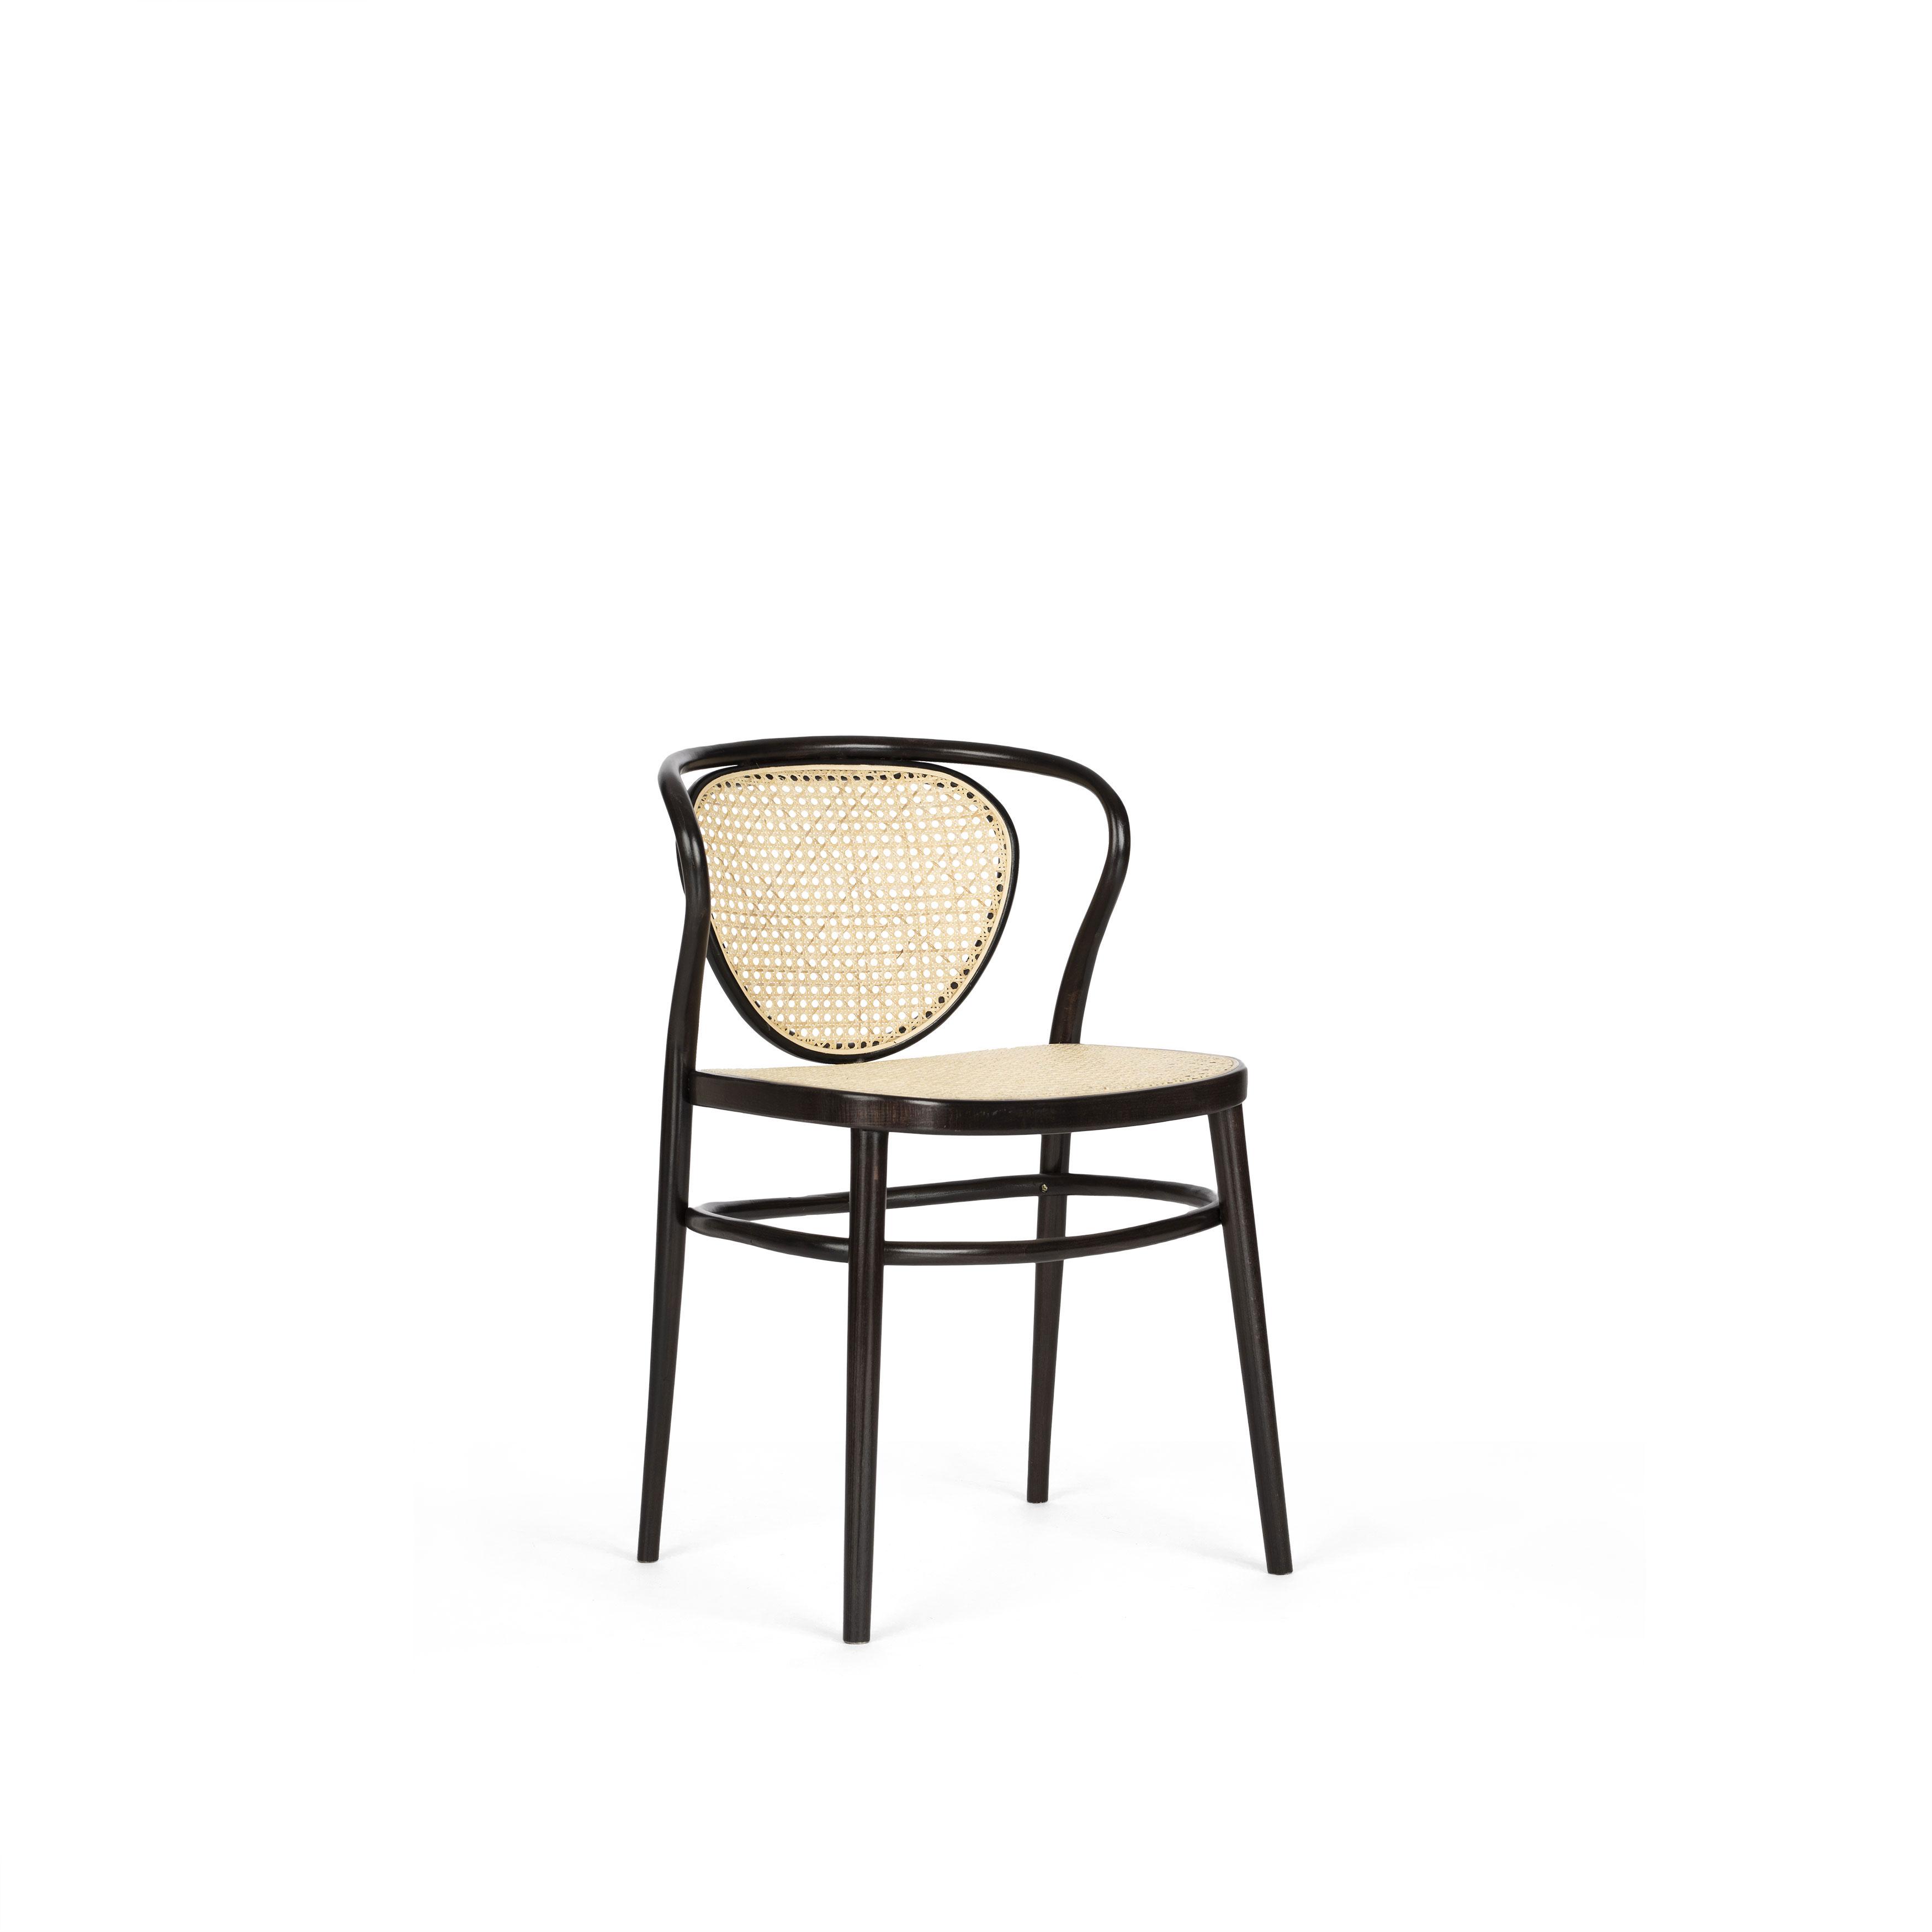 Paged krzesło NODO A-1400